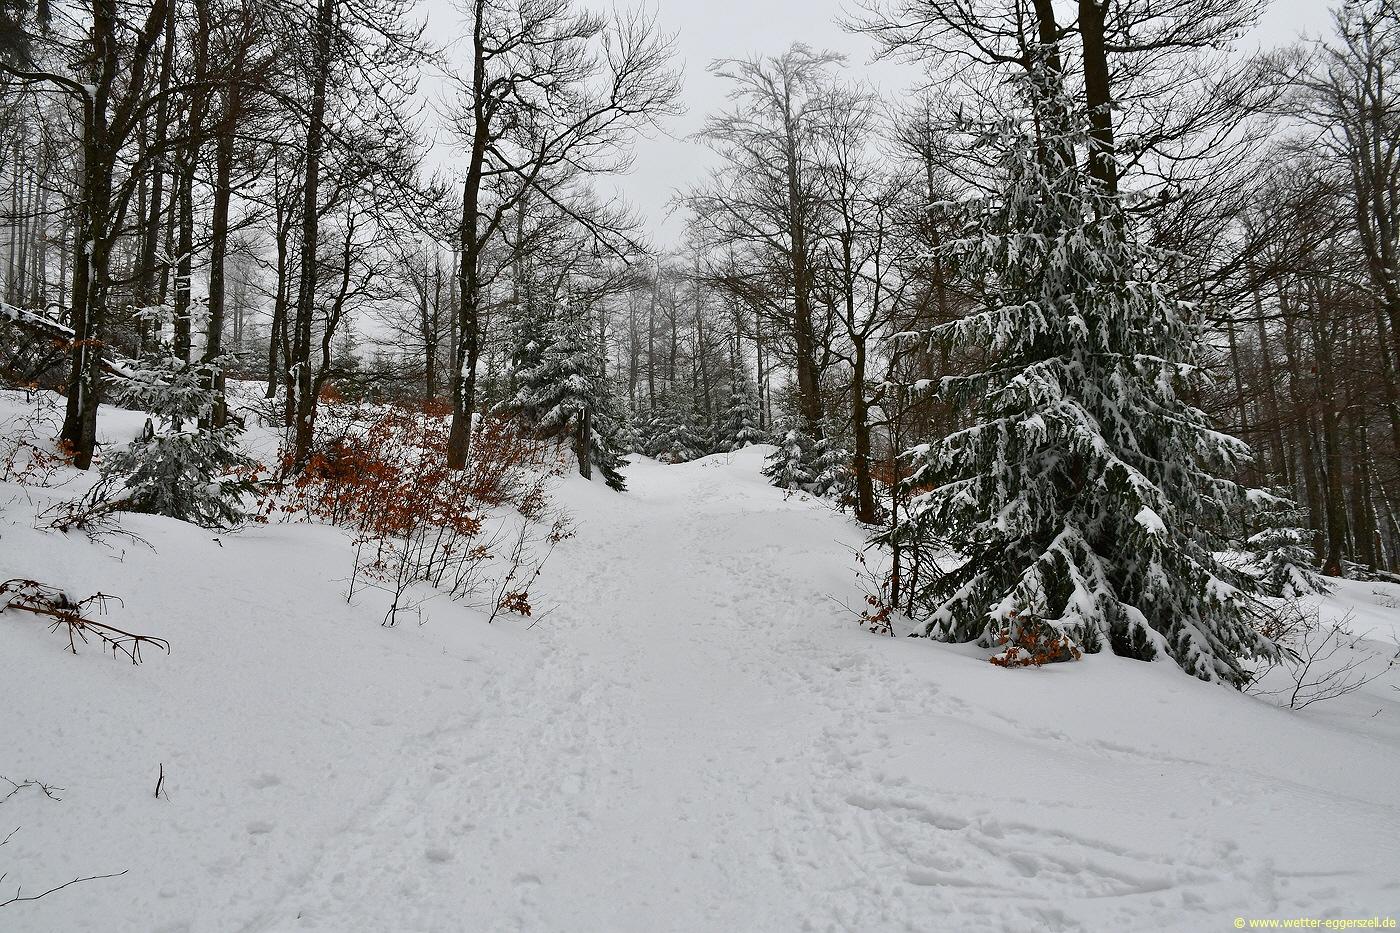 http://wetter-eggerszell.de/images/dsc_3491.jpg